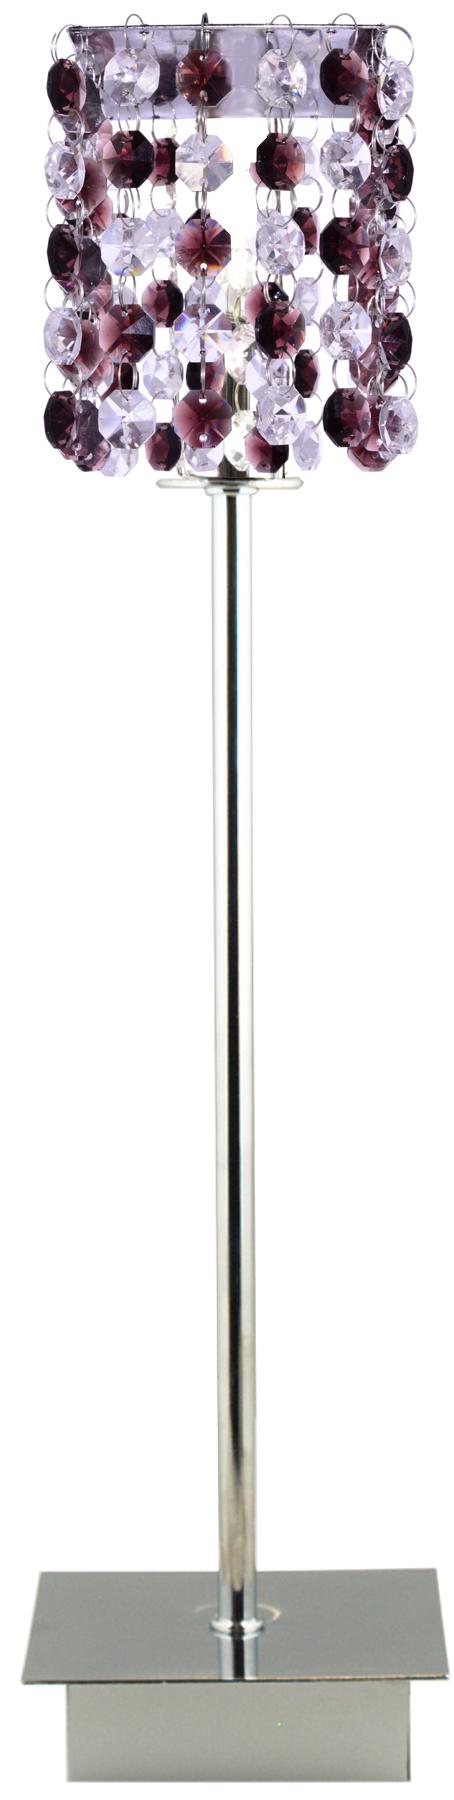 CLASSIC LAMPA GABINETOWA 1X40W G9 BURGUND - 41-97036